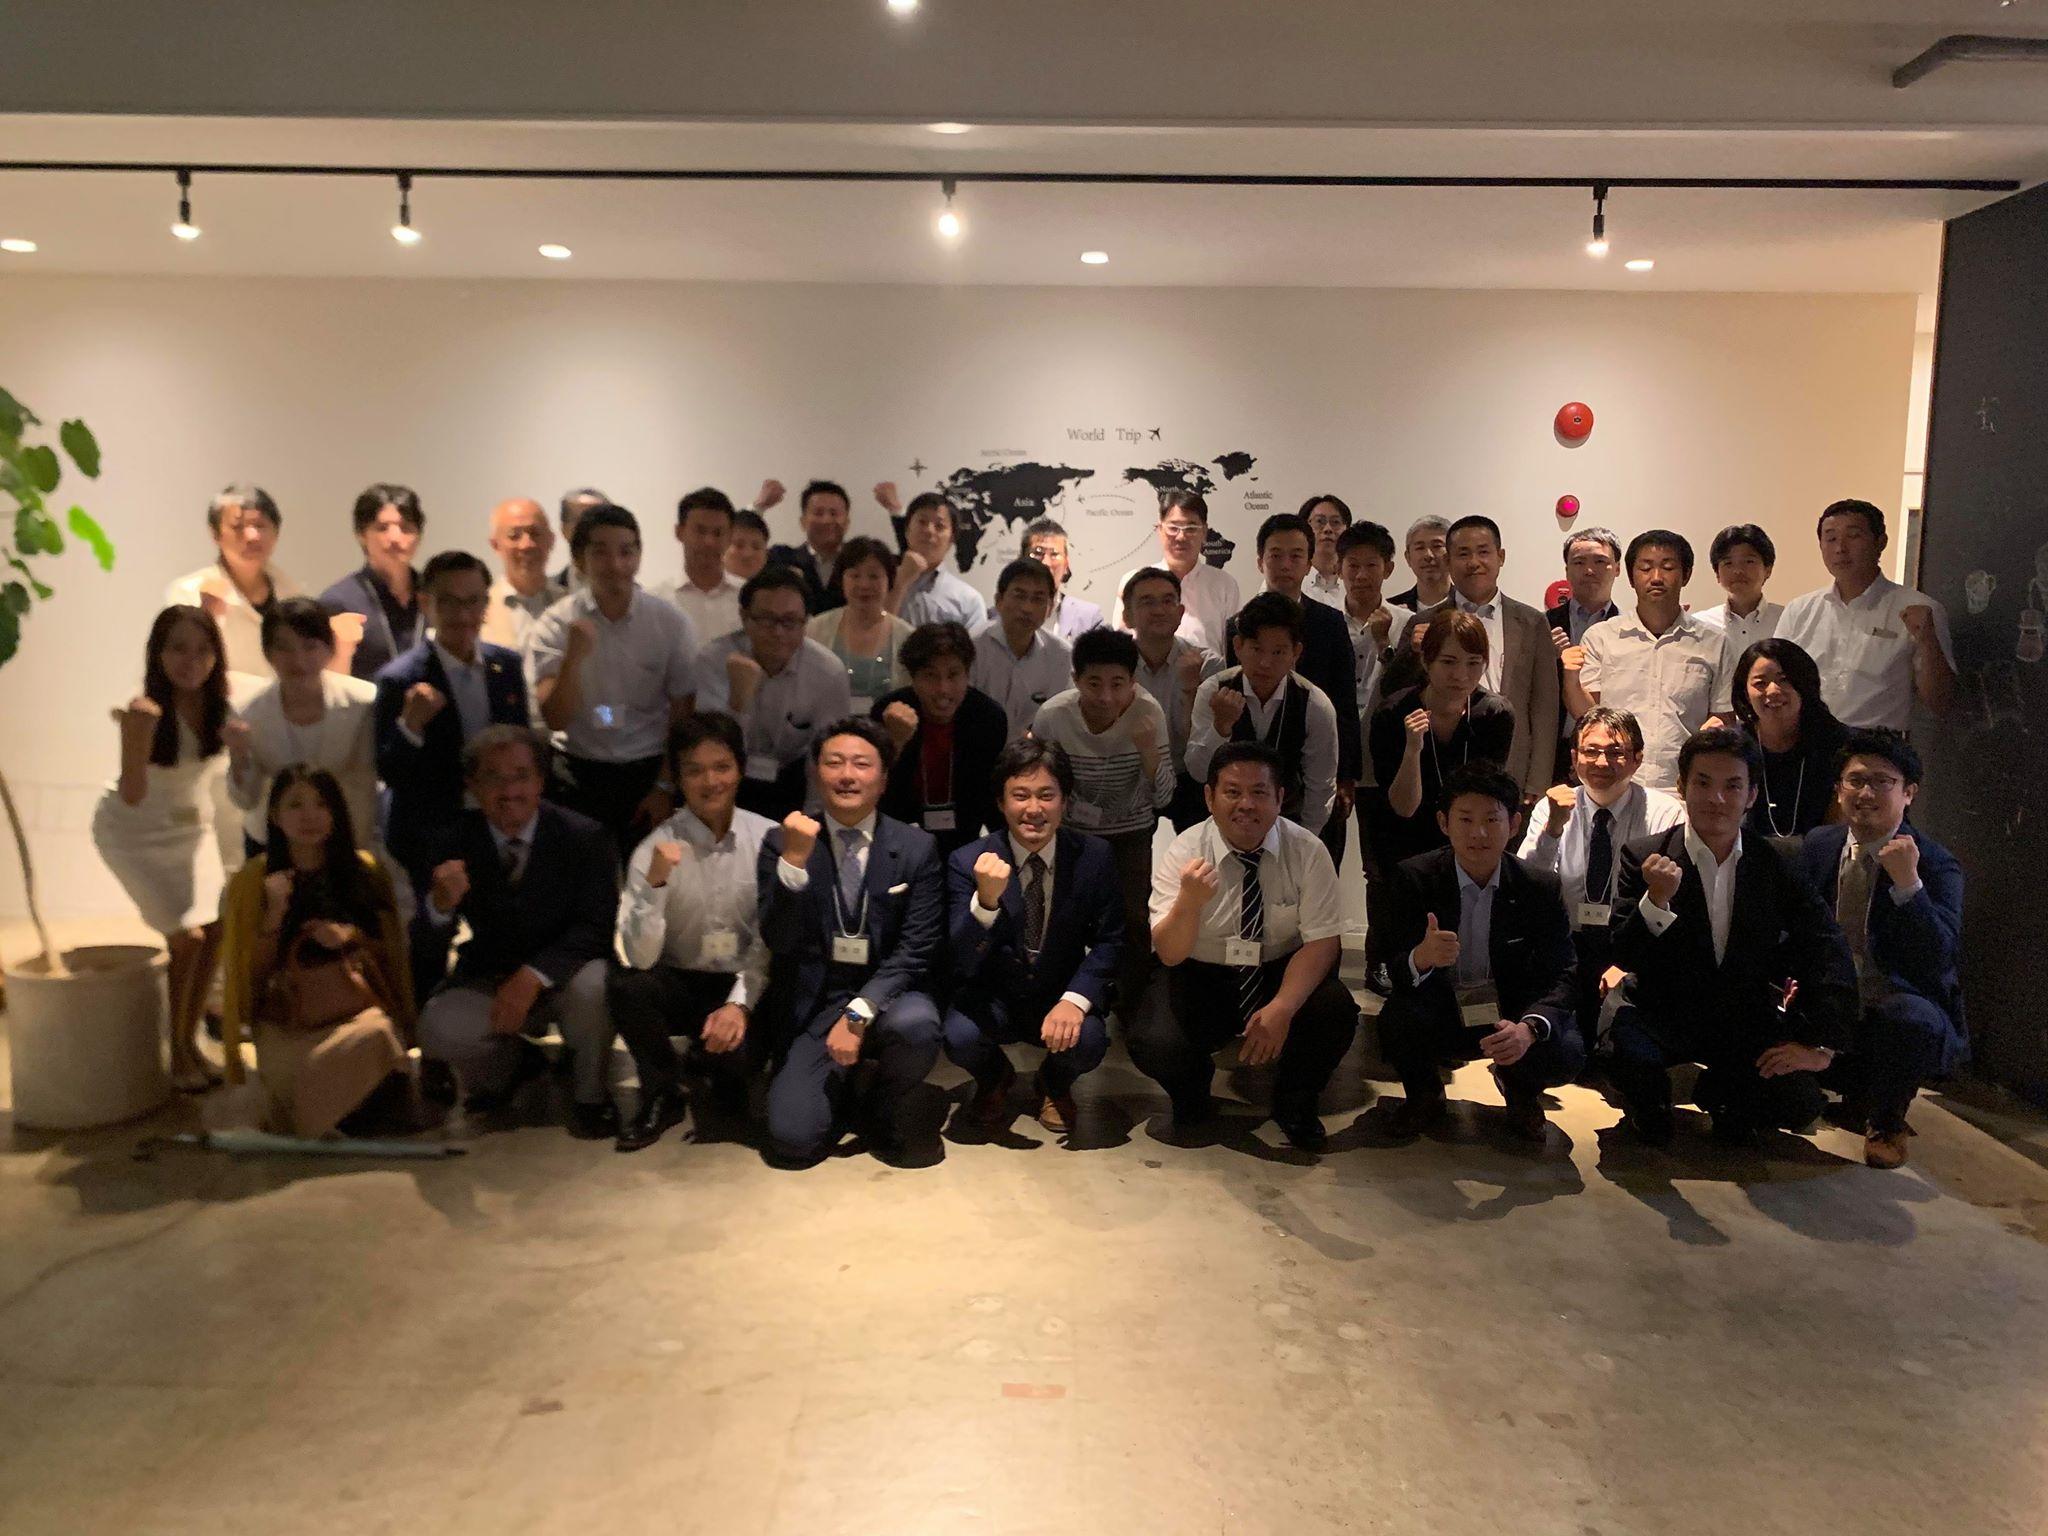 週刊ビル経営第9期卒業式、交流会を東京と名古屋で開催